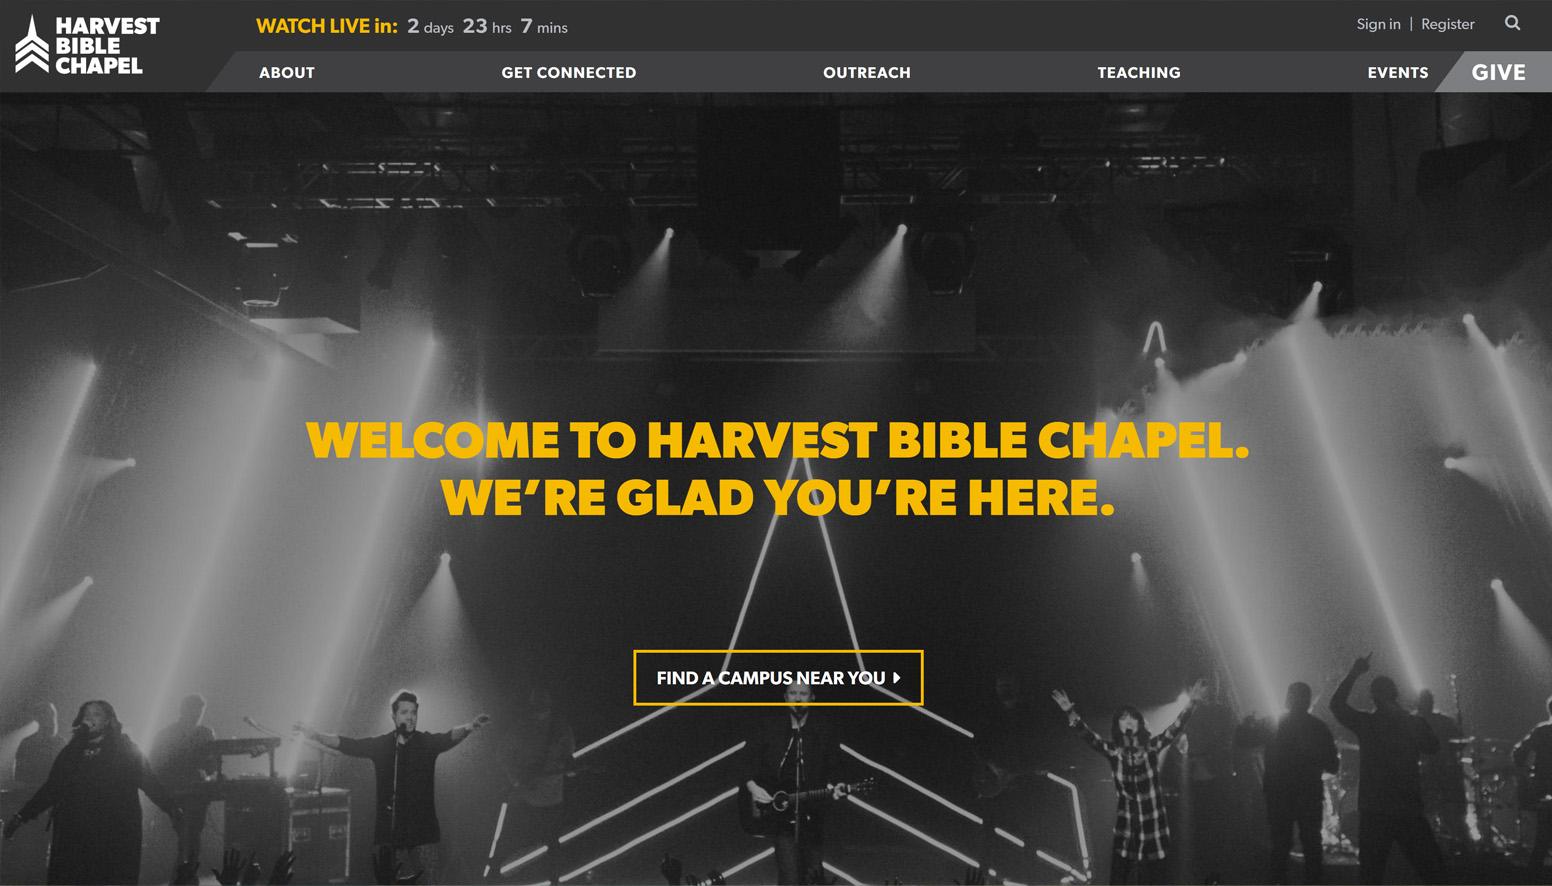 Harvest Bible Chapel Website